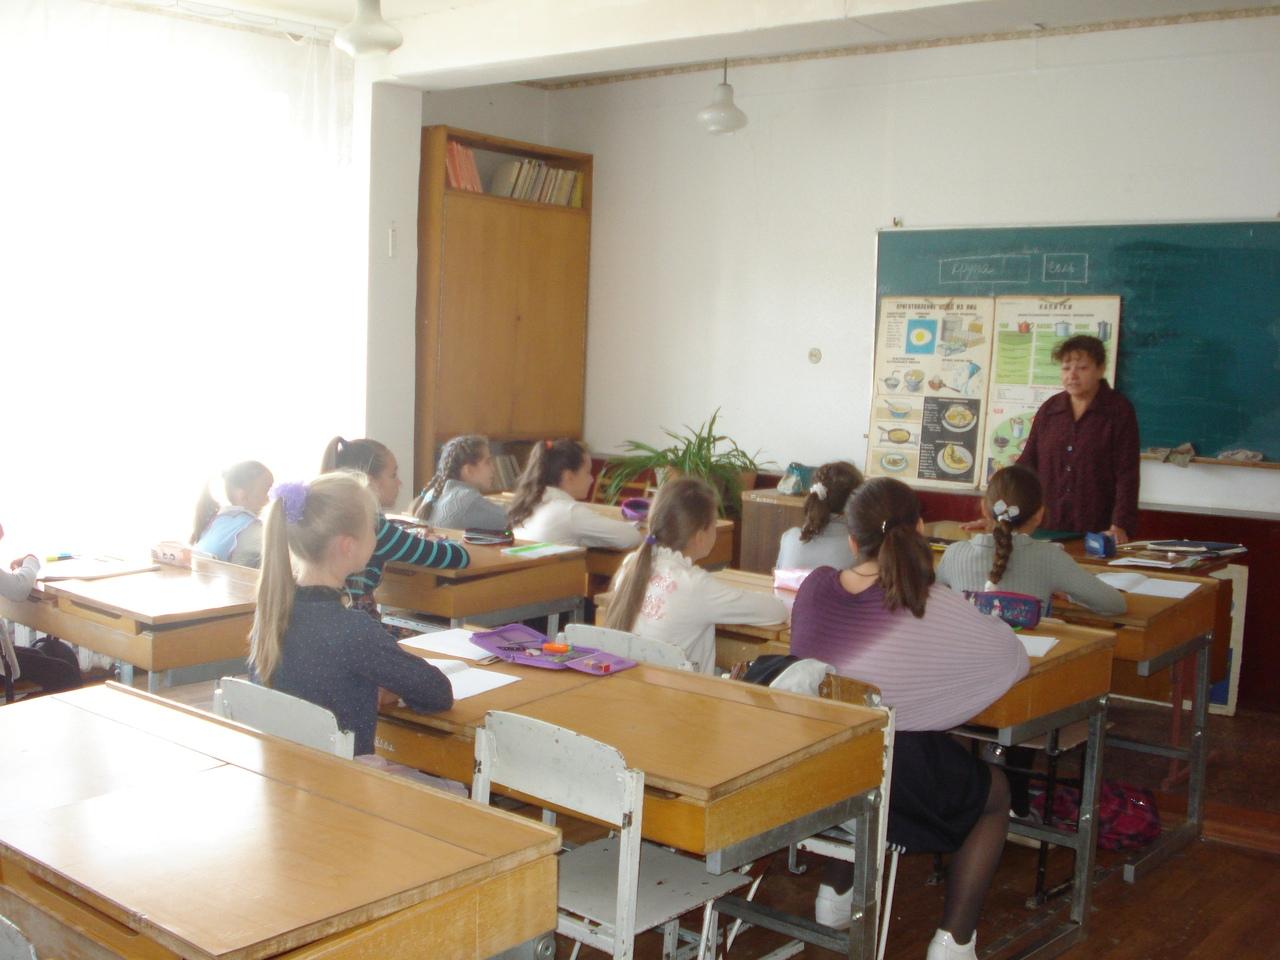 десять лучших книг, отдел обслуживания учащихся 5-9 классов,Донецкая республиканская библиотека для детей